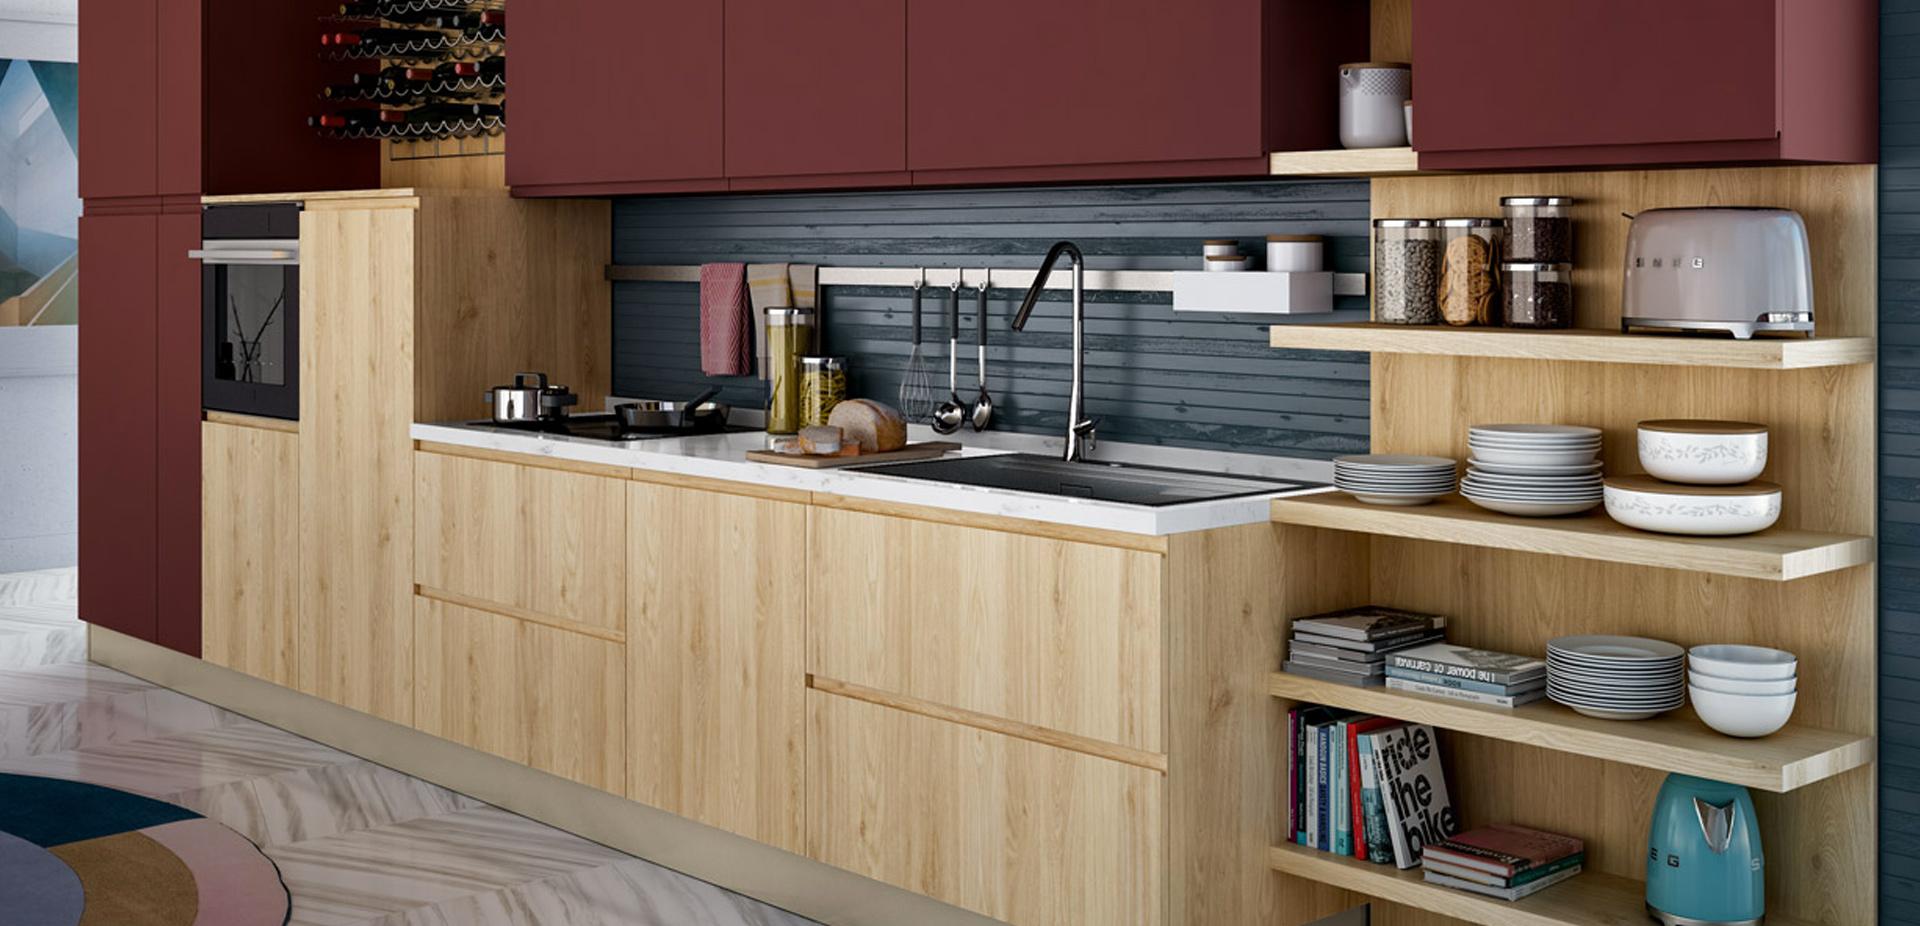 L Anima Urban Chic Della Nuova Cucina Jey Feel Creo Store Milano Showroom Cucine Creo Kitchens A Milano